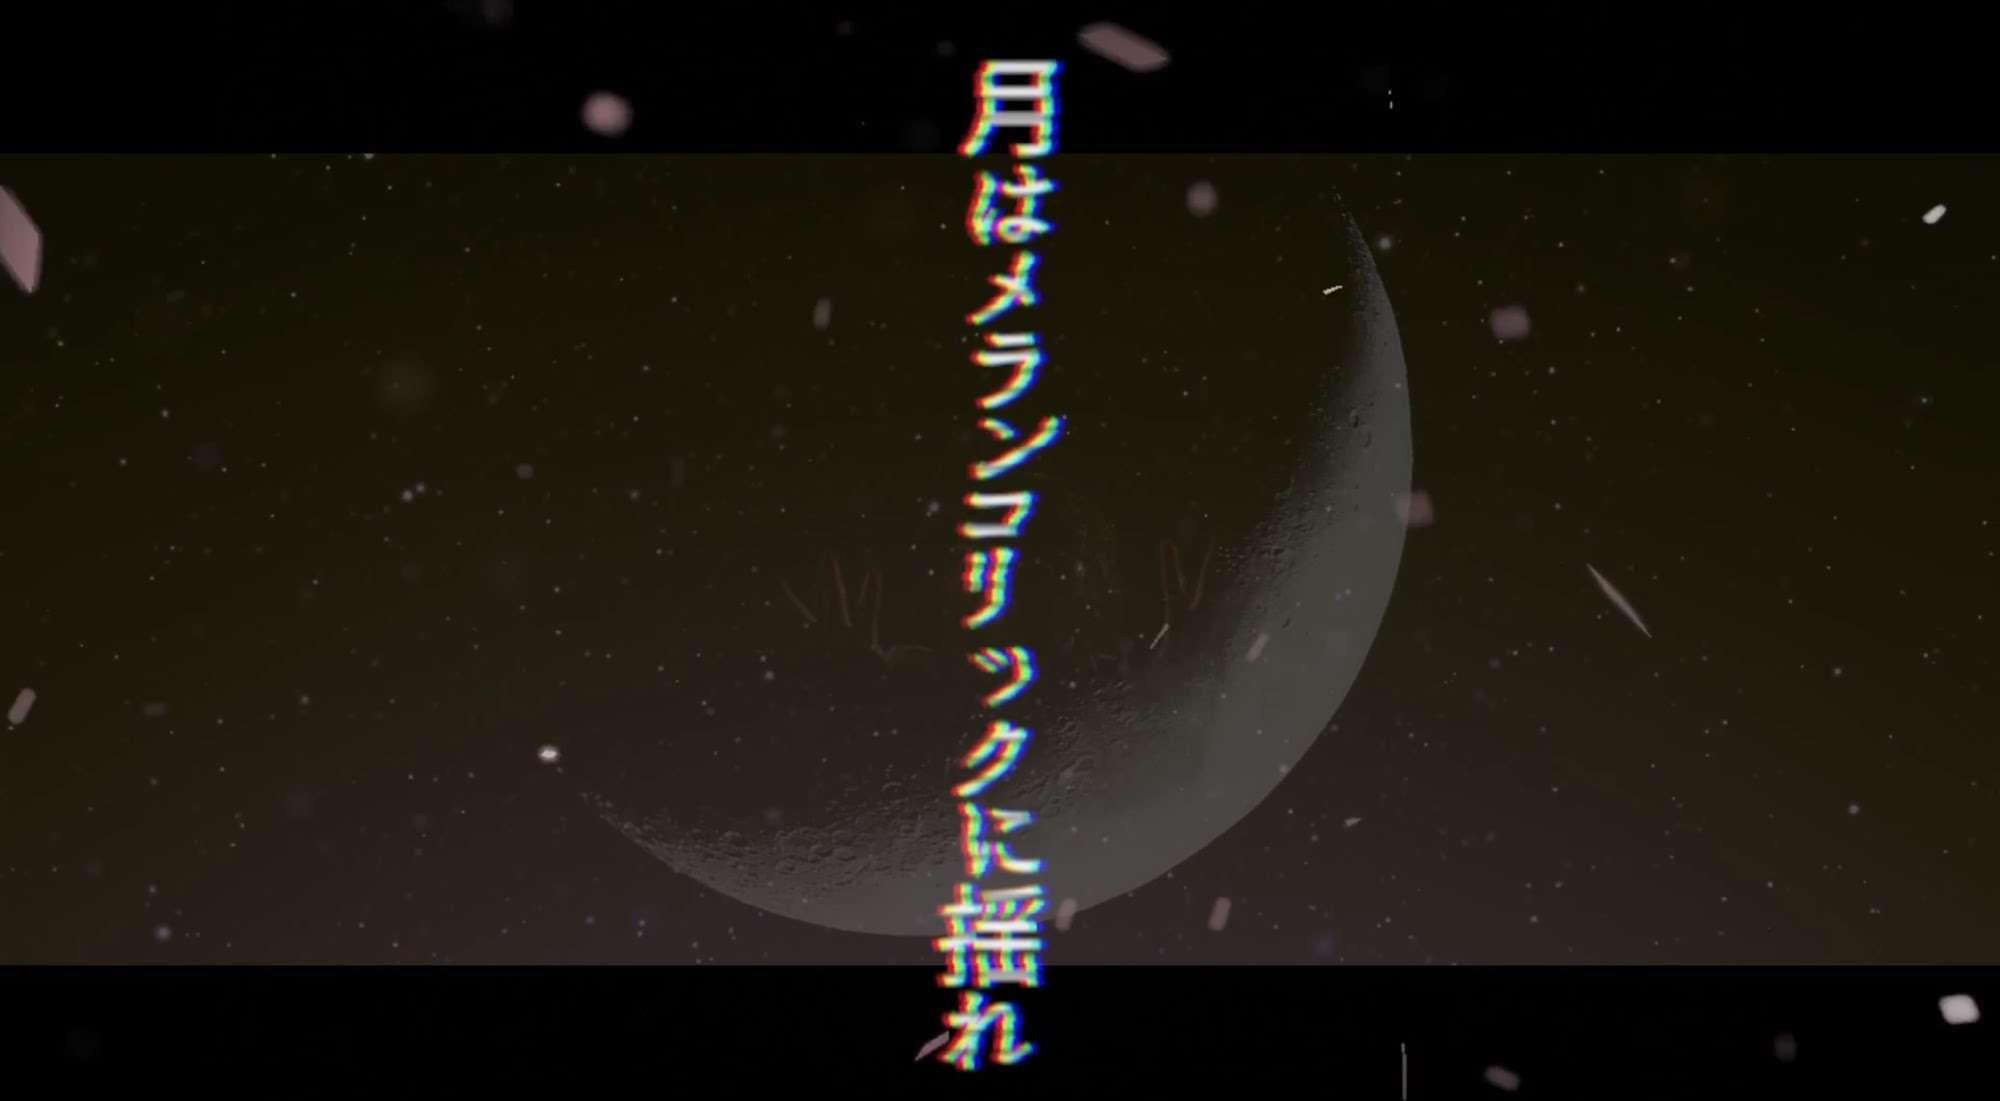 「月はメランコリックに揺れ」アシュラシンドローム - YouTube